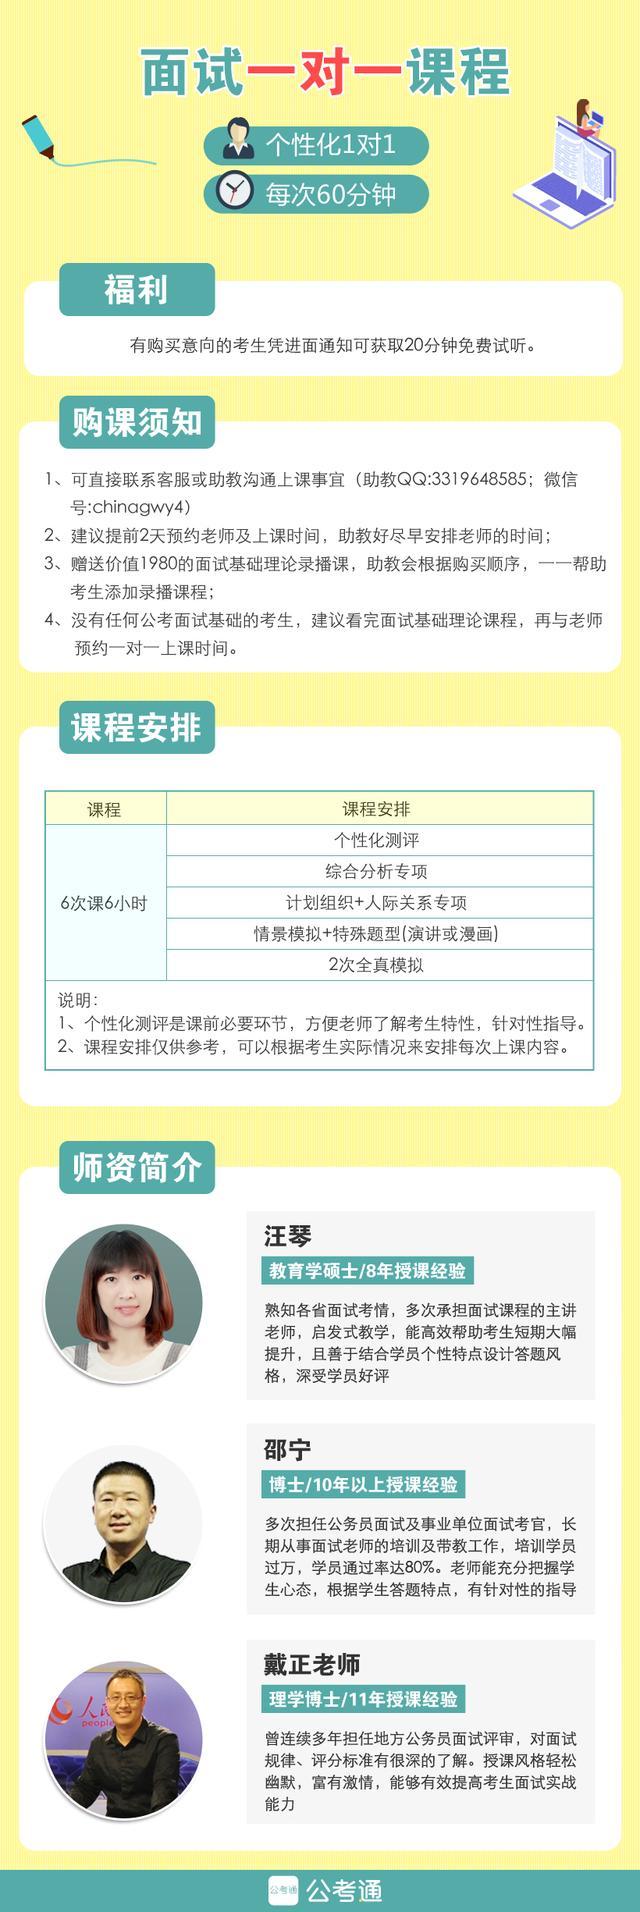 河北公务员考试成绩查询,2019年河北公务员笔试成绩6月14日前公布!